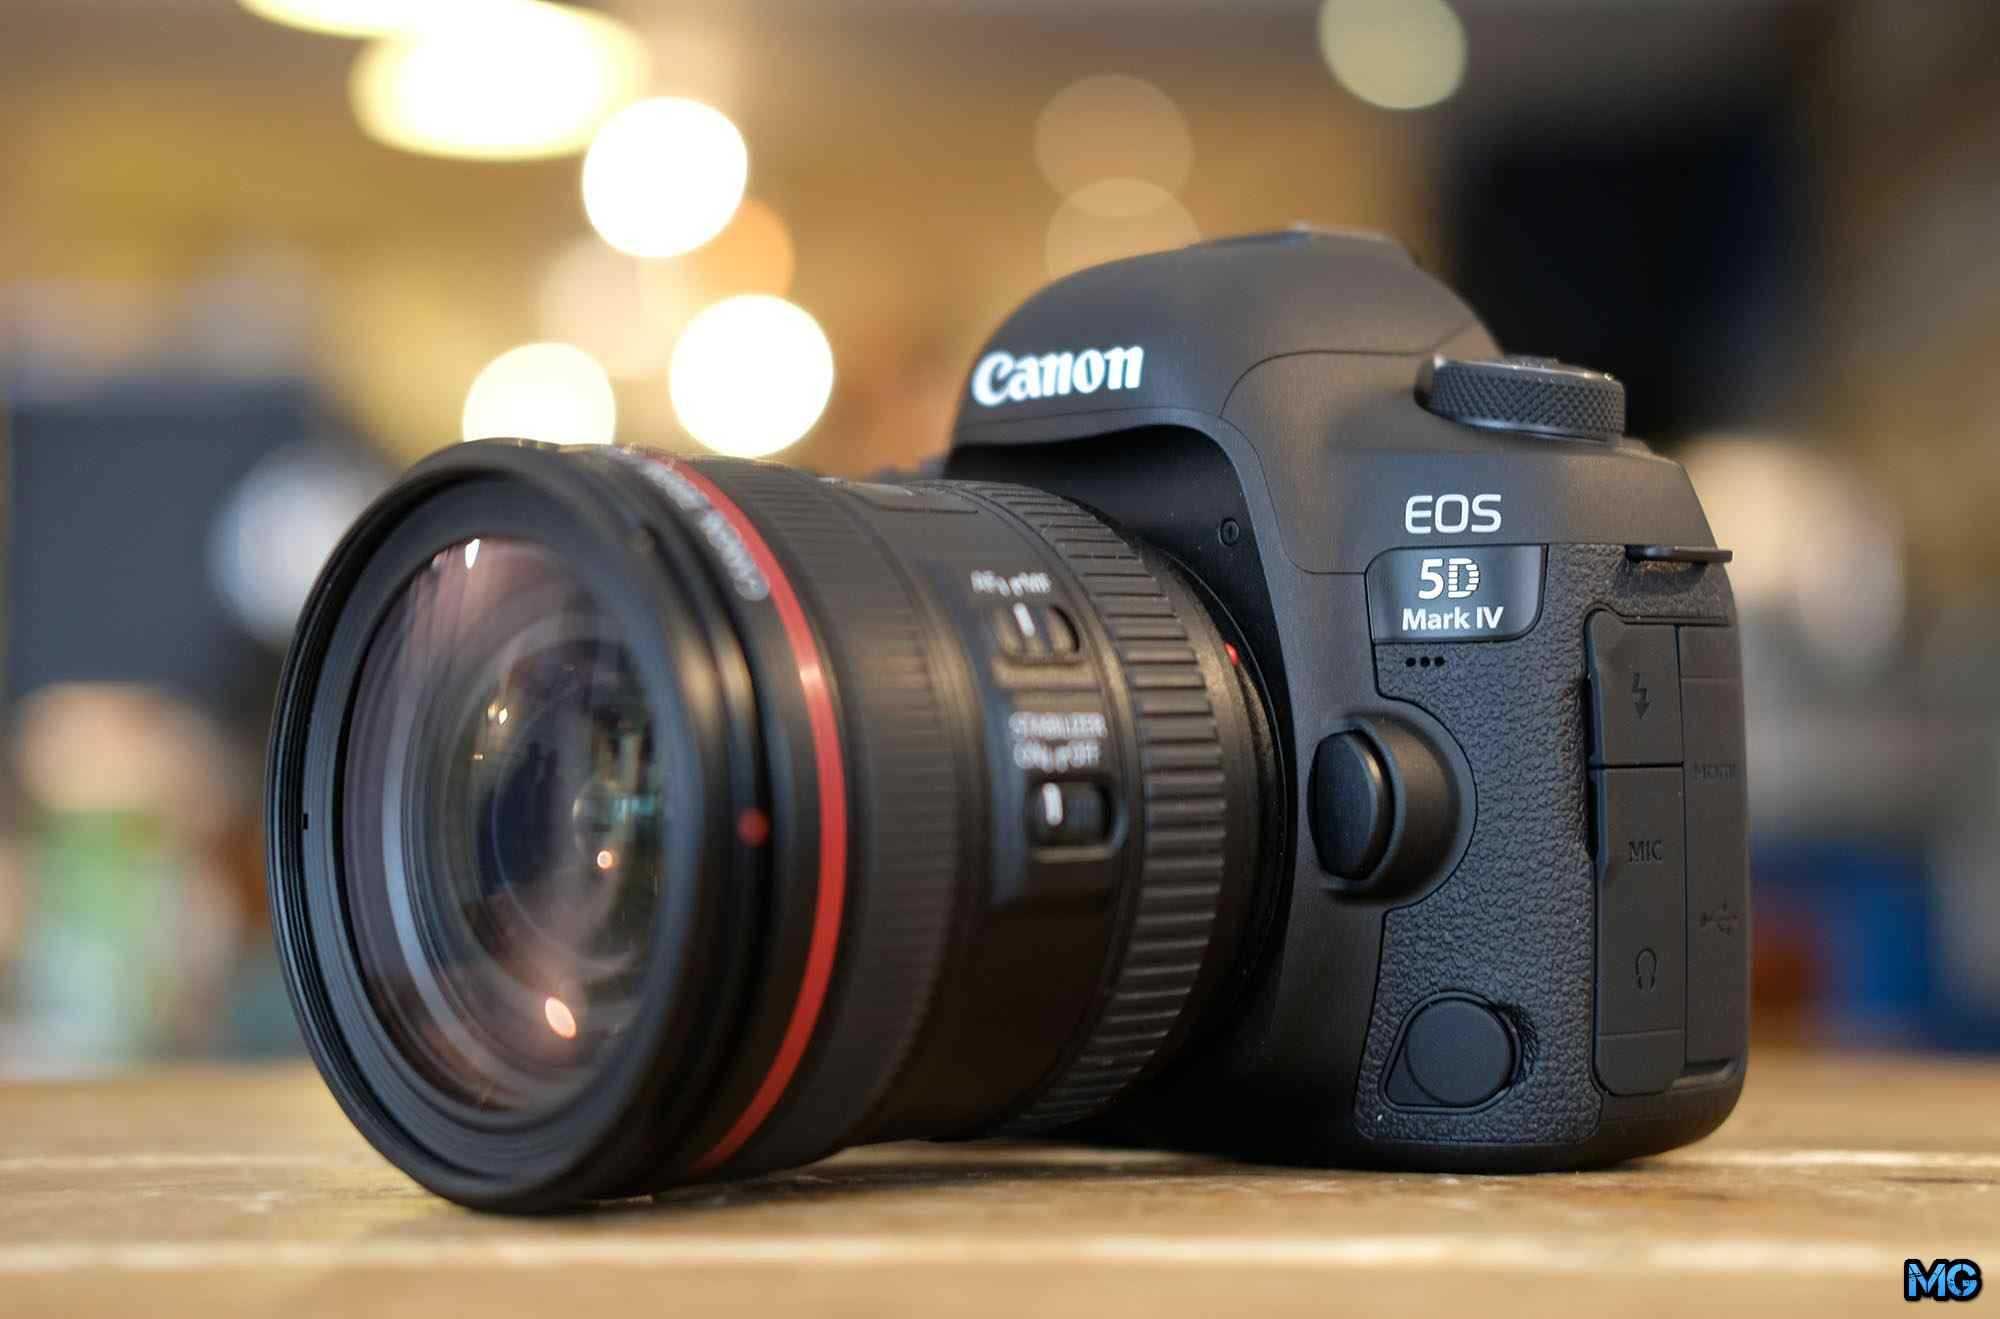 Как выбрать зеркальный фотоаппарат для начинающих фотографов: выбор недорогого и хорошего, топ для новичка, тесты, сравнение